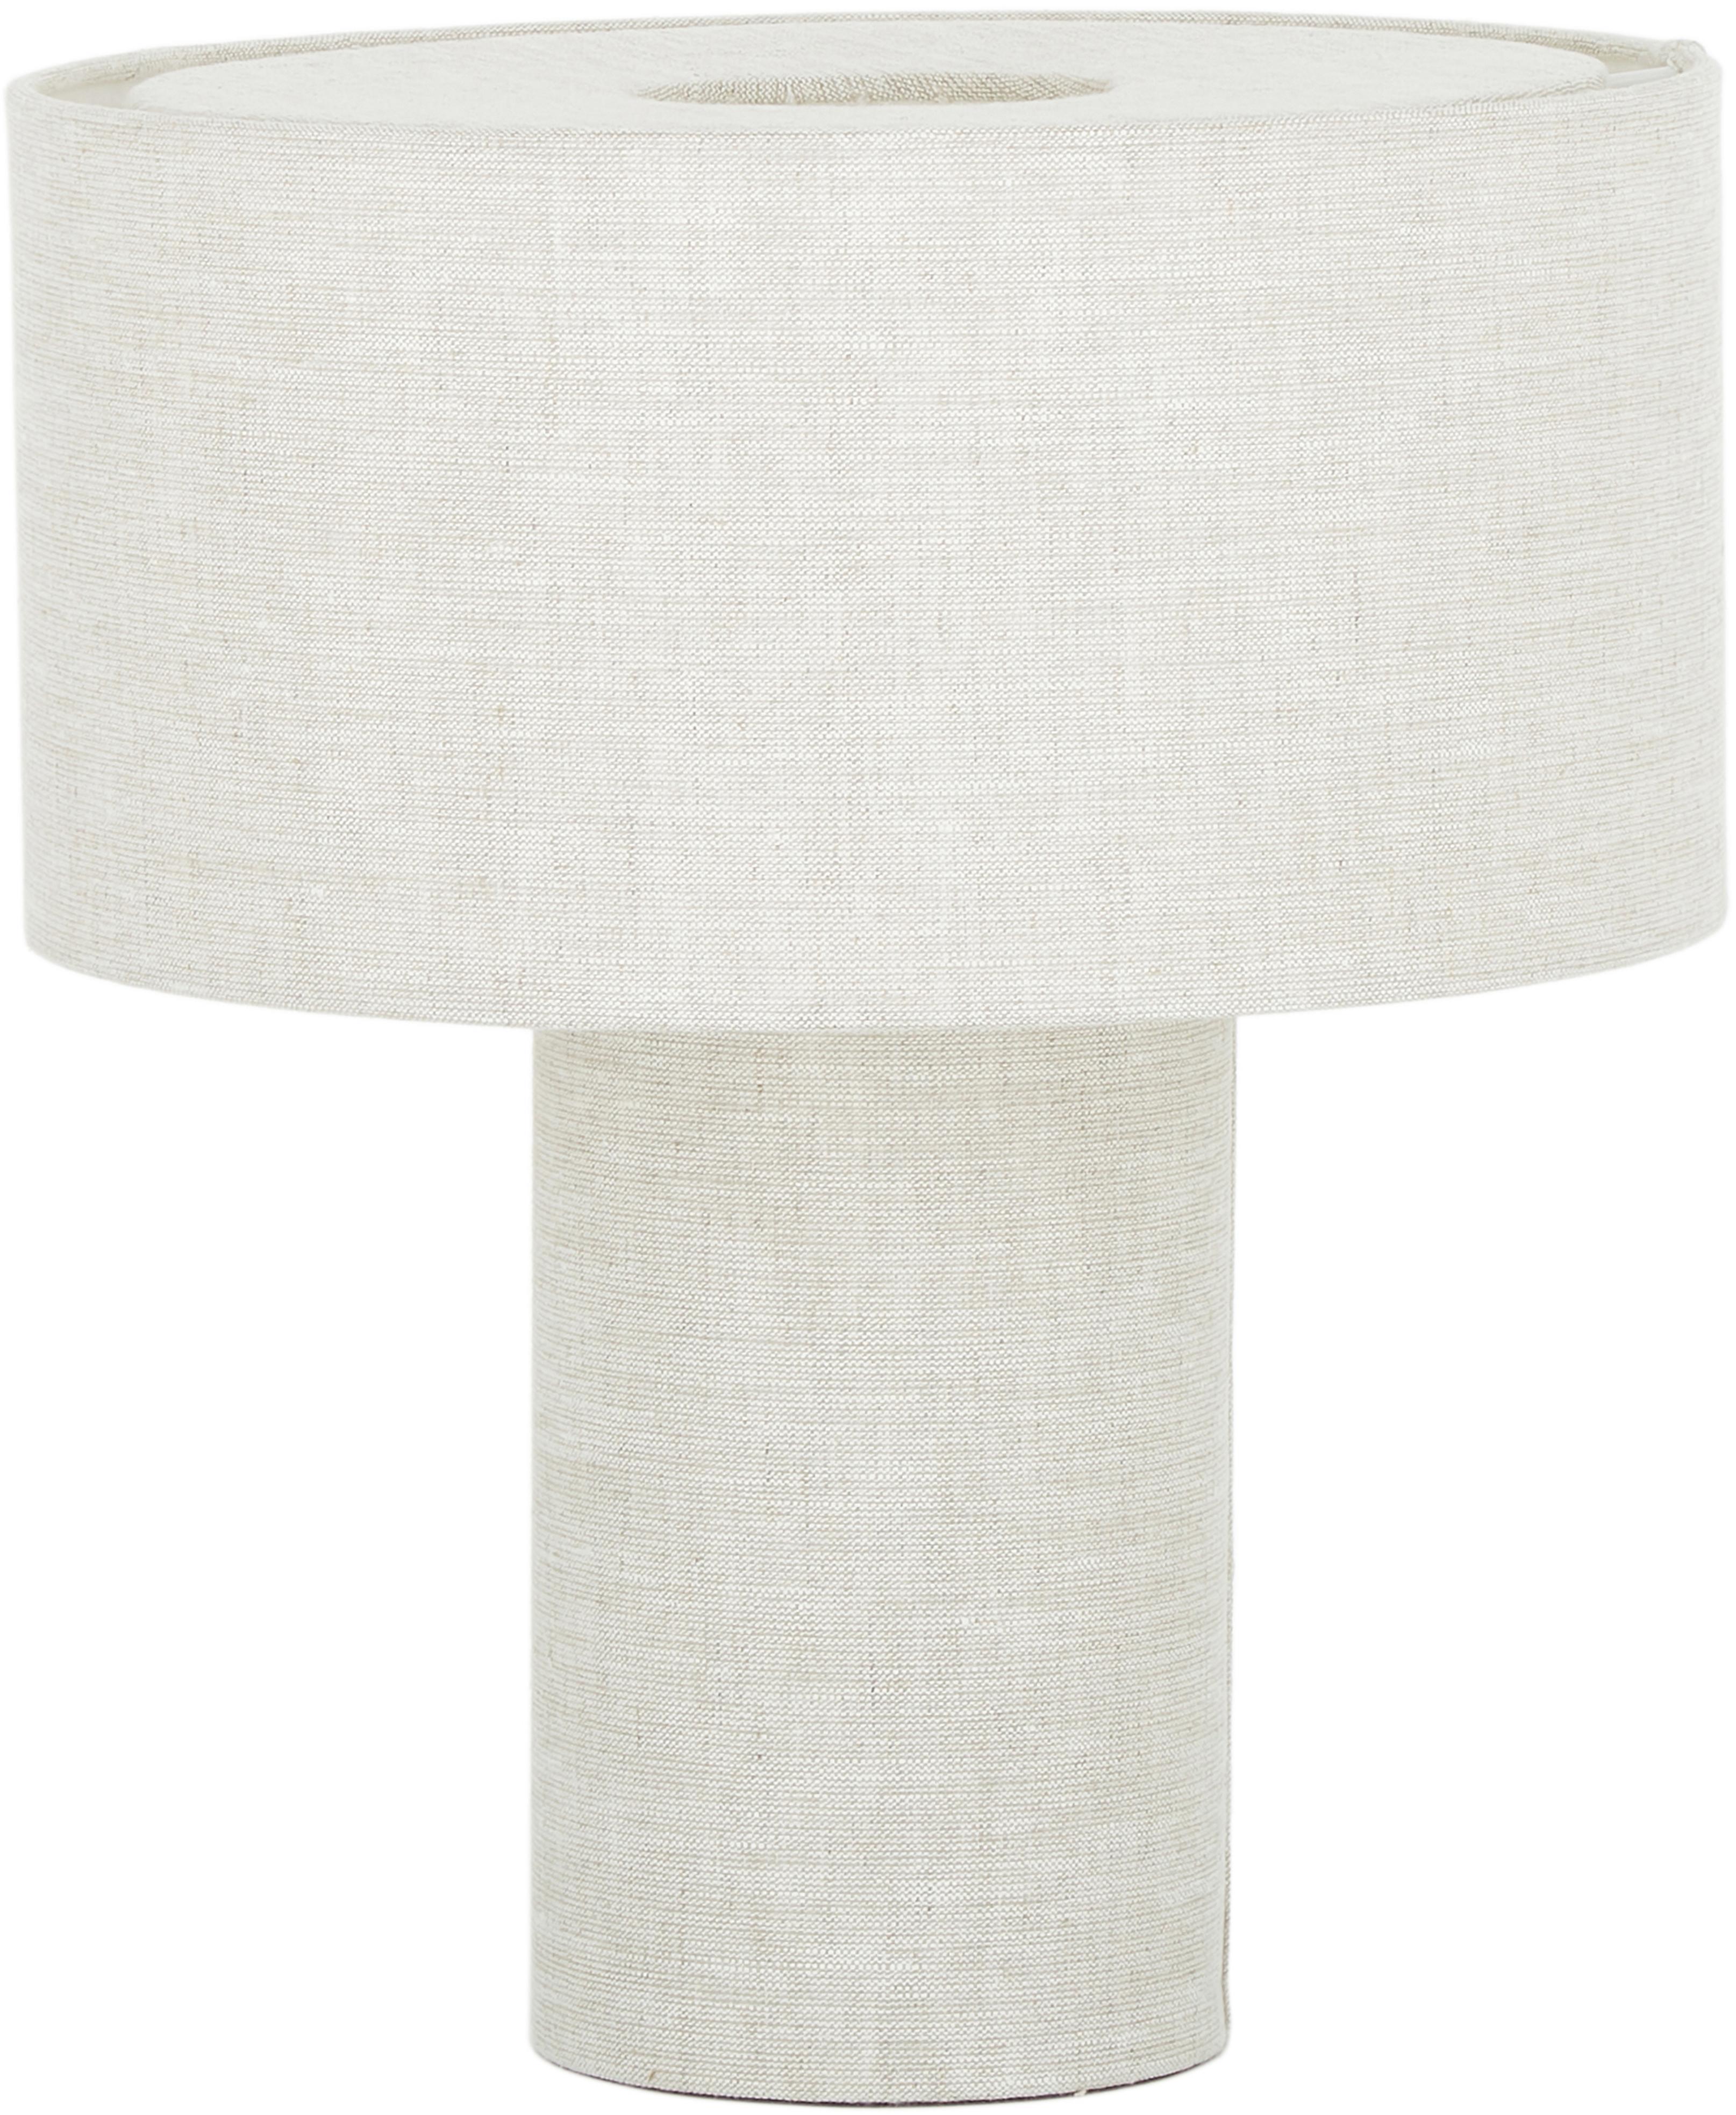 Tischlampe Ron aus Stoff, Lampenschirm: Textil, Beige, Ø 30 x H 35 cm